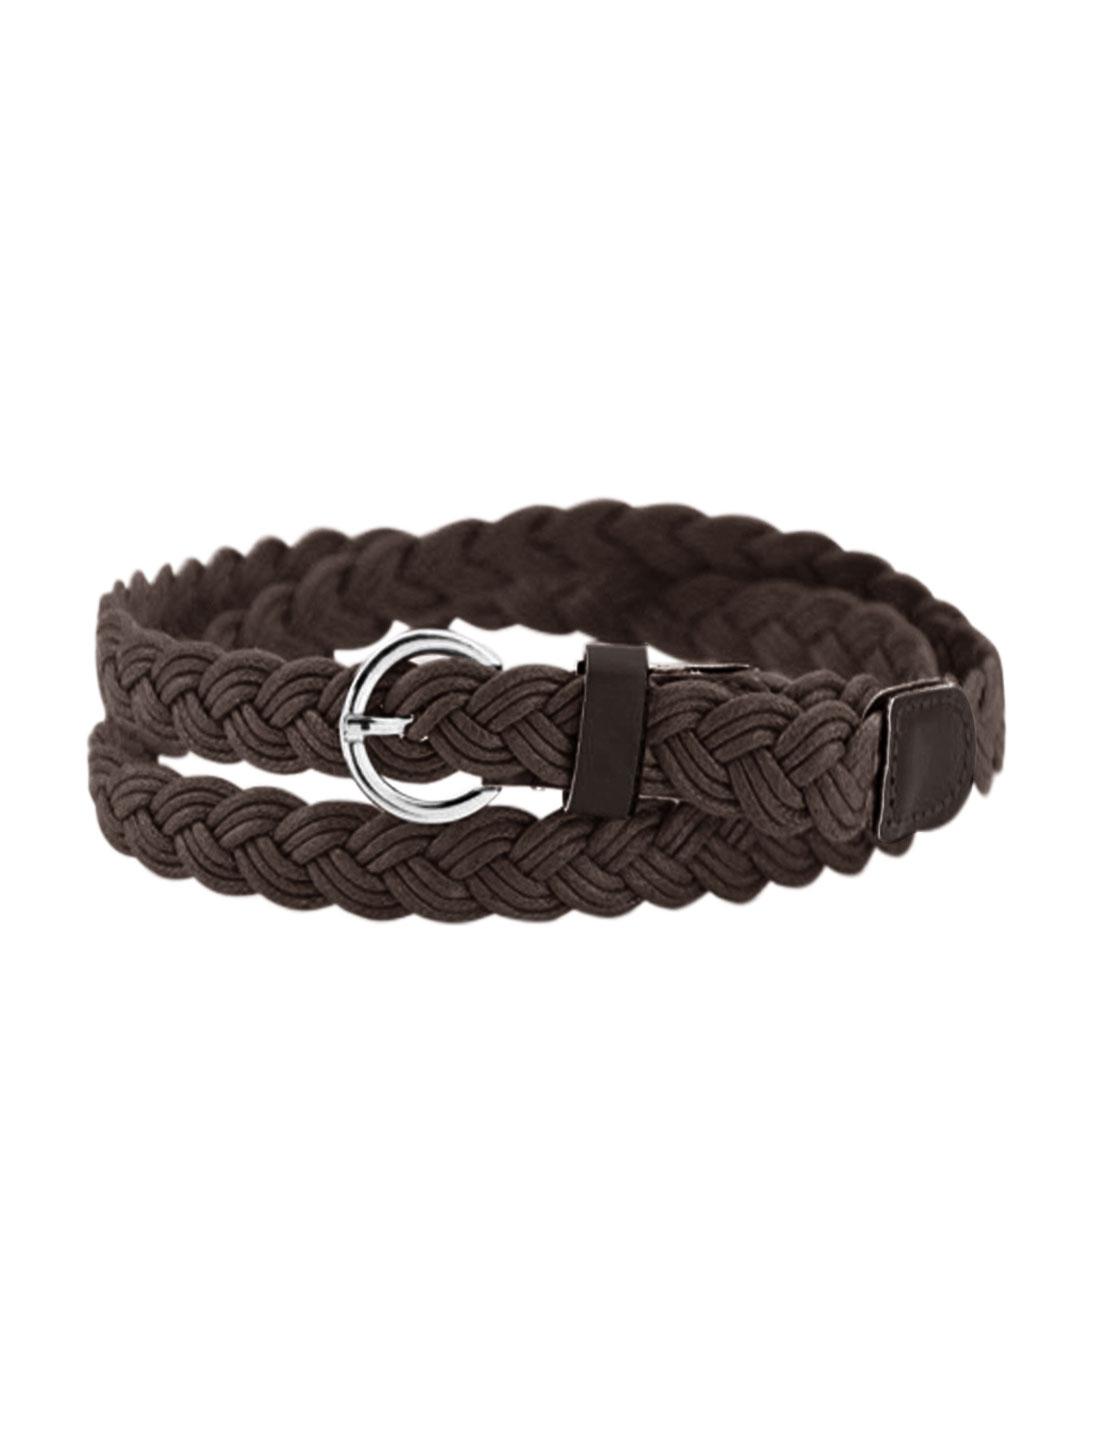 Women Adjustable Single Pin Buckle Skinny Braided Belt Brown